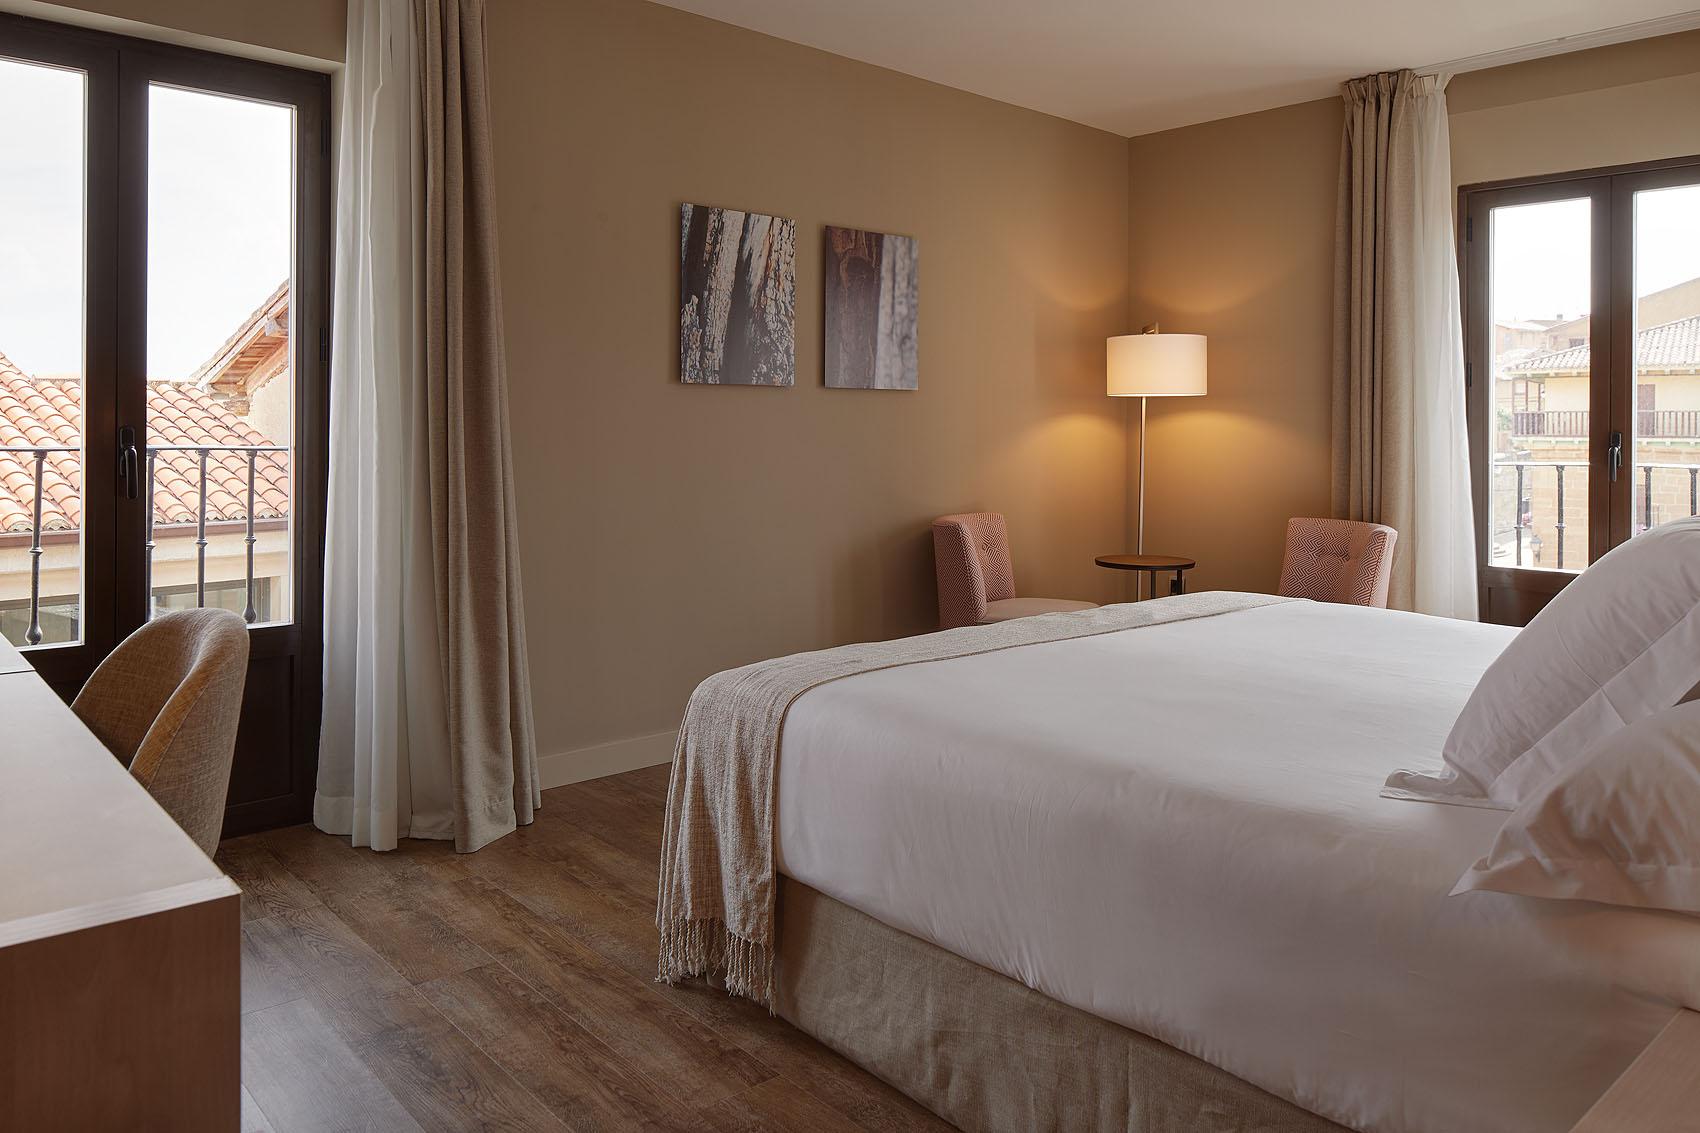 Hotel Palacio Tondón - Iñaki Caperochipi - Fotografía